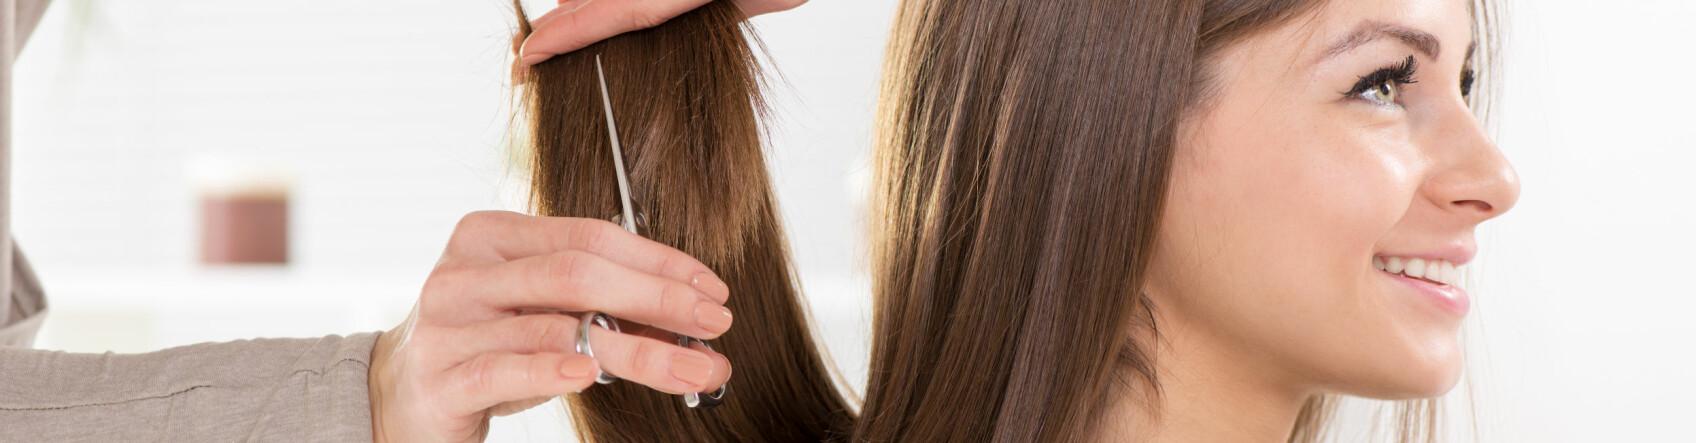 KLIPP: Du har kanskje hørt at du bør klippe håret hver sjette uke? Det stemmer ikke nødvendigvis! FOTO: Scanpix